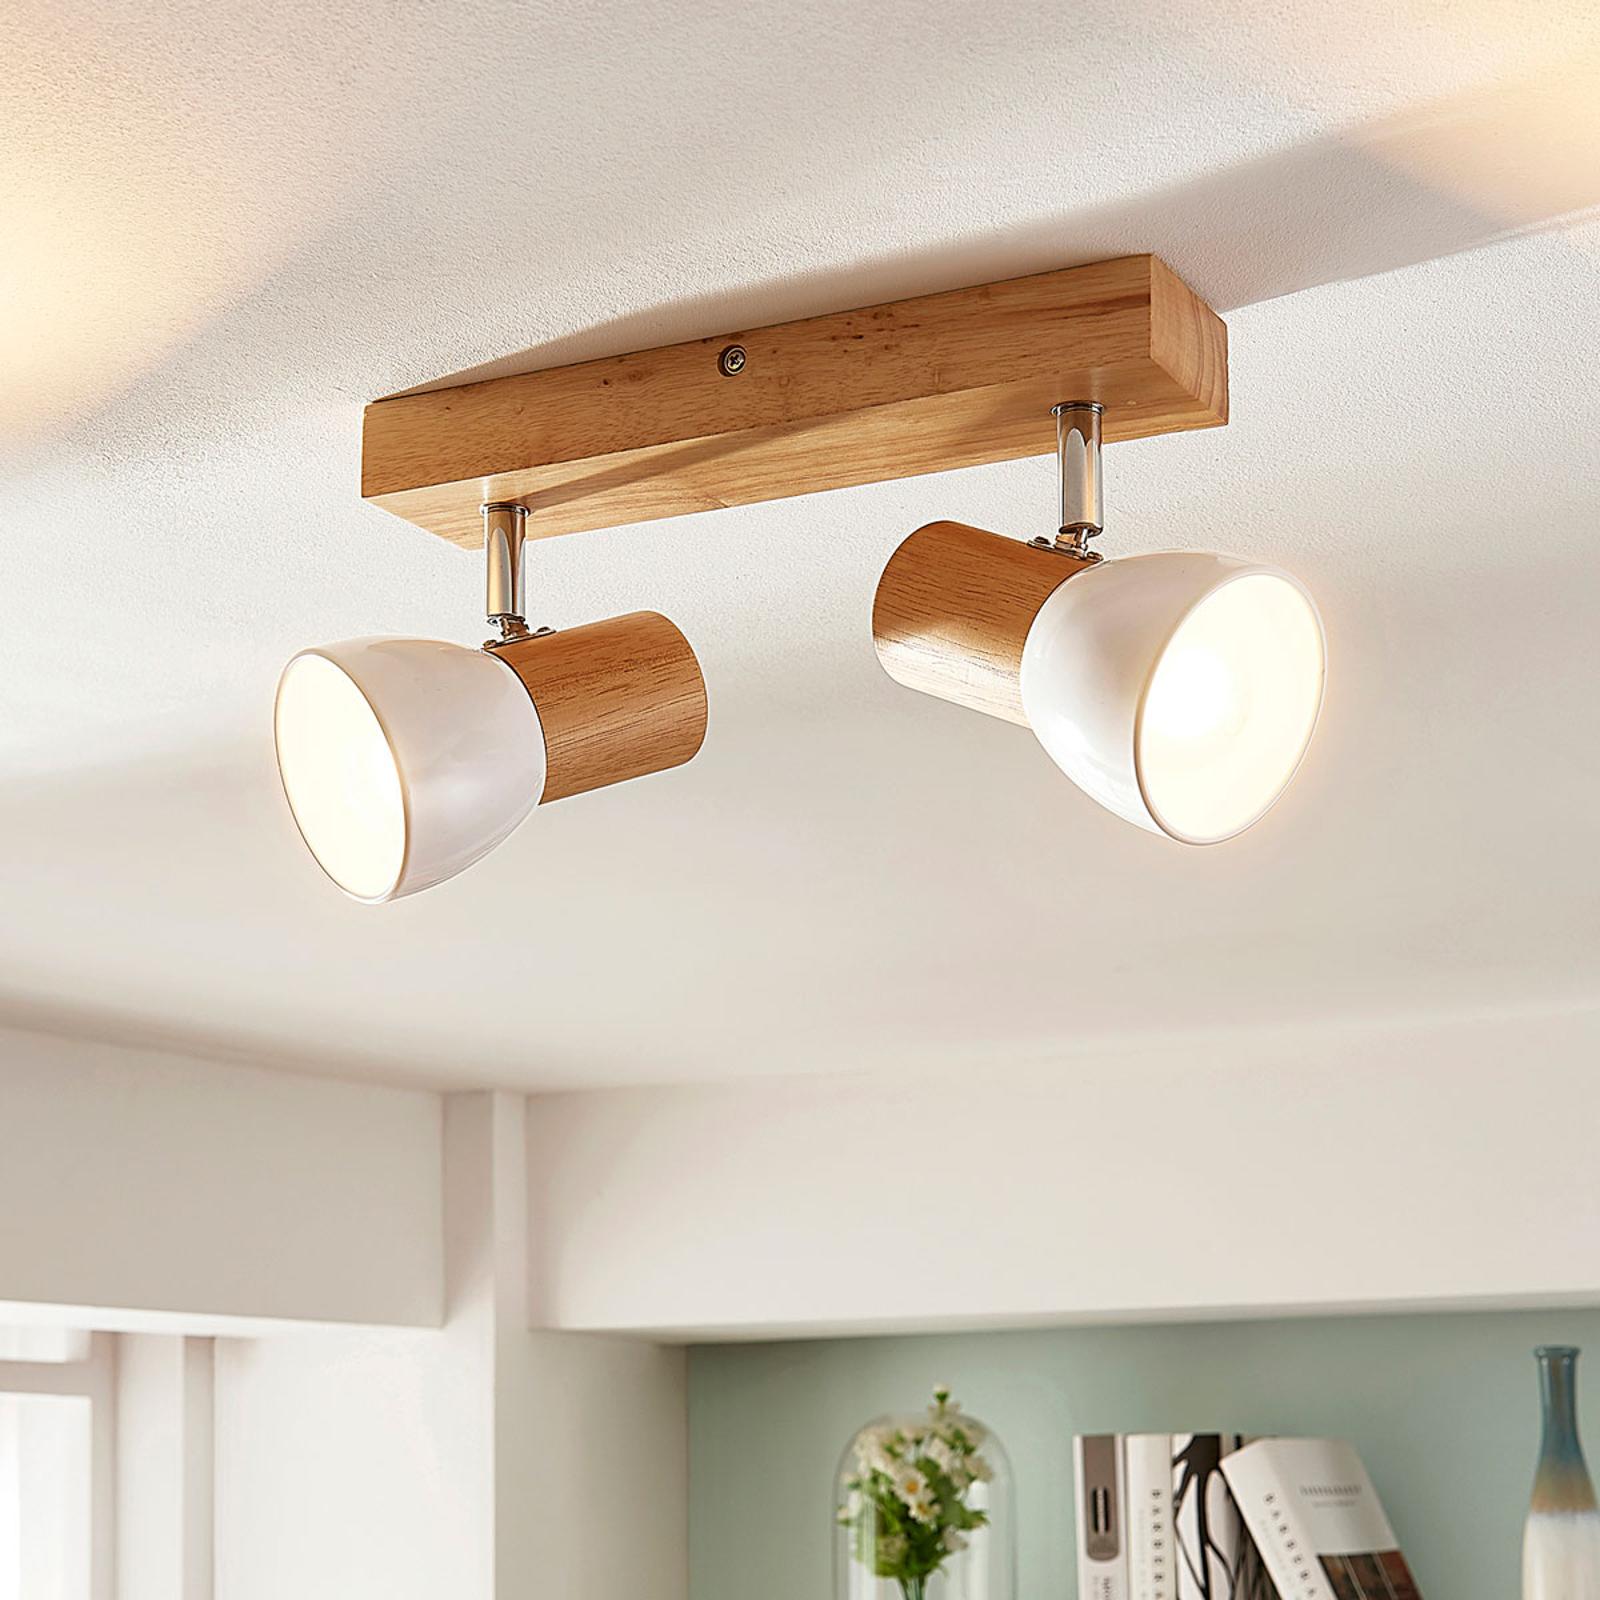 Thorin - Lámpara de techo de madera, 2 bombillas